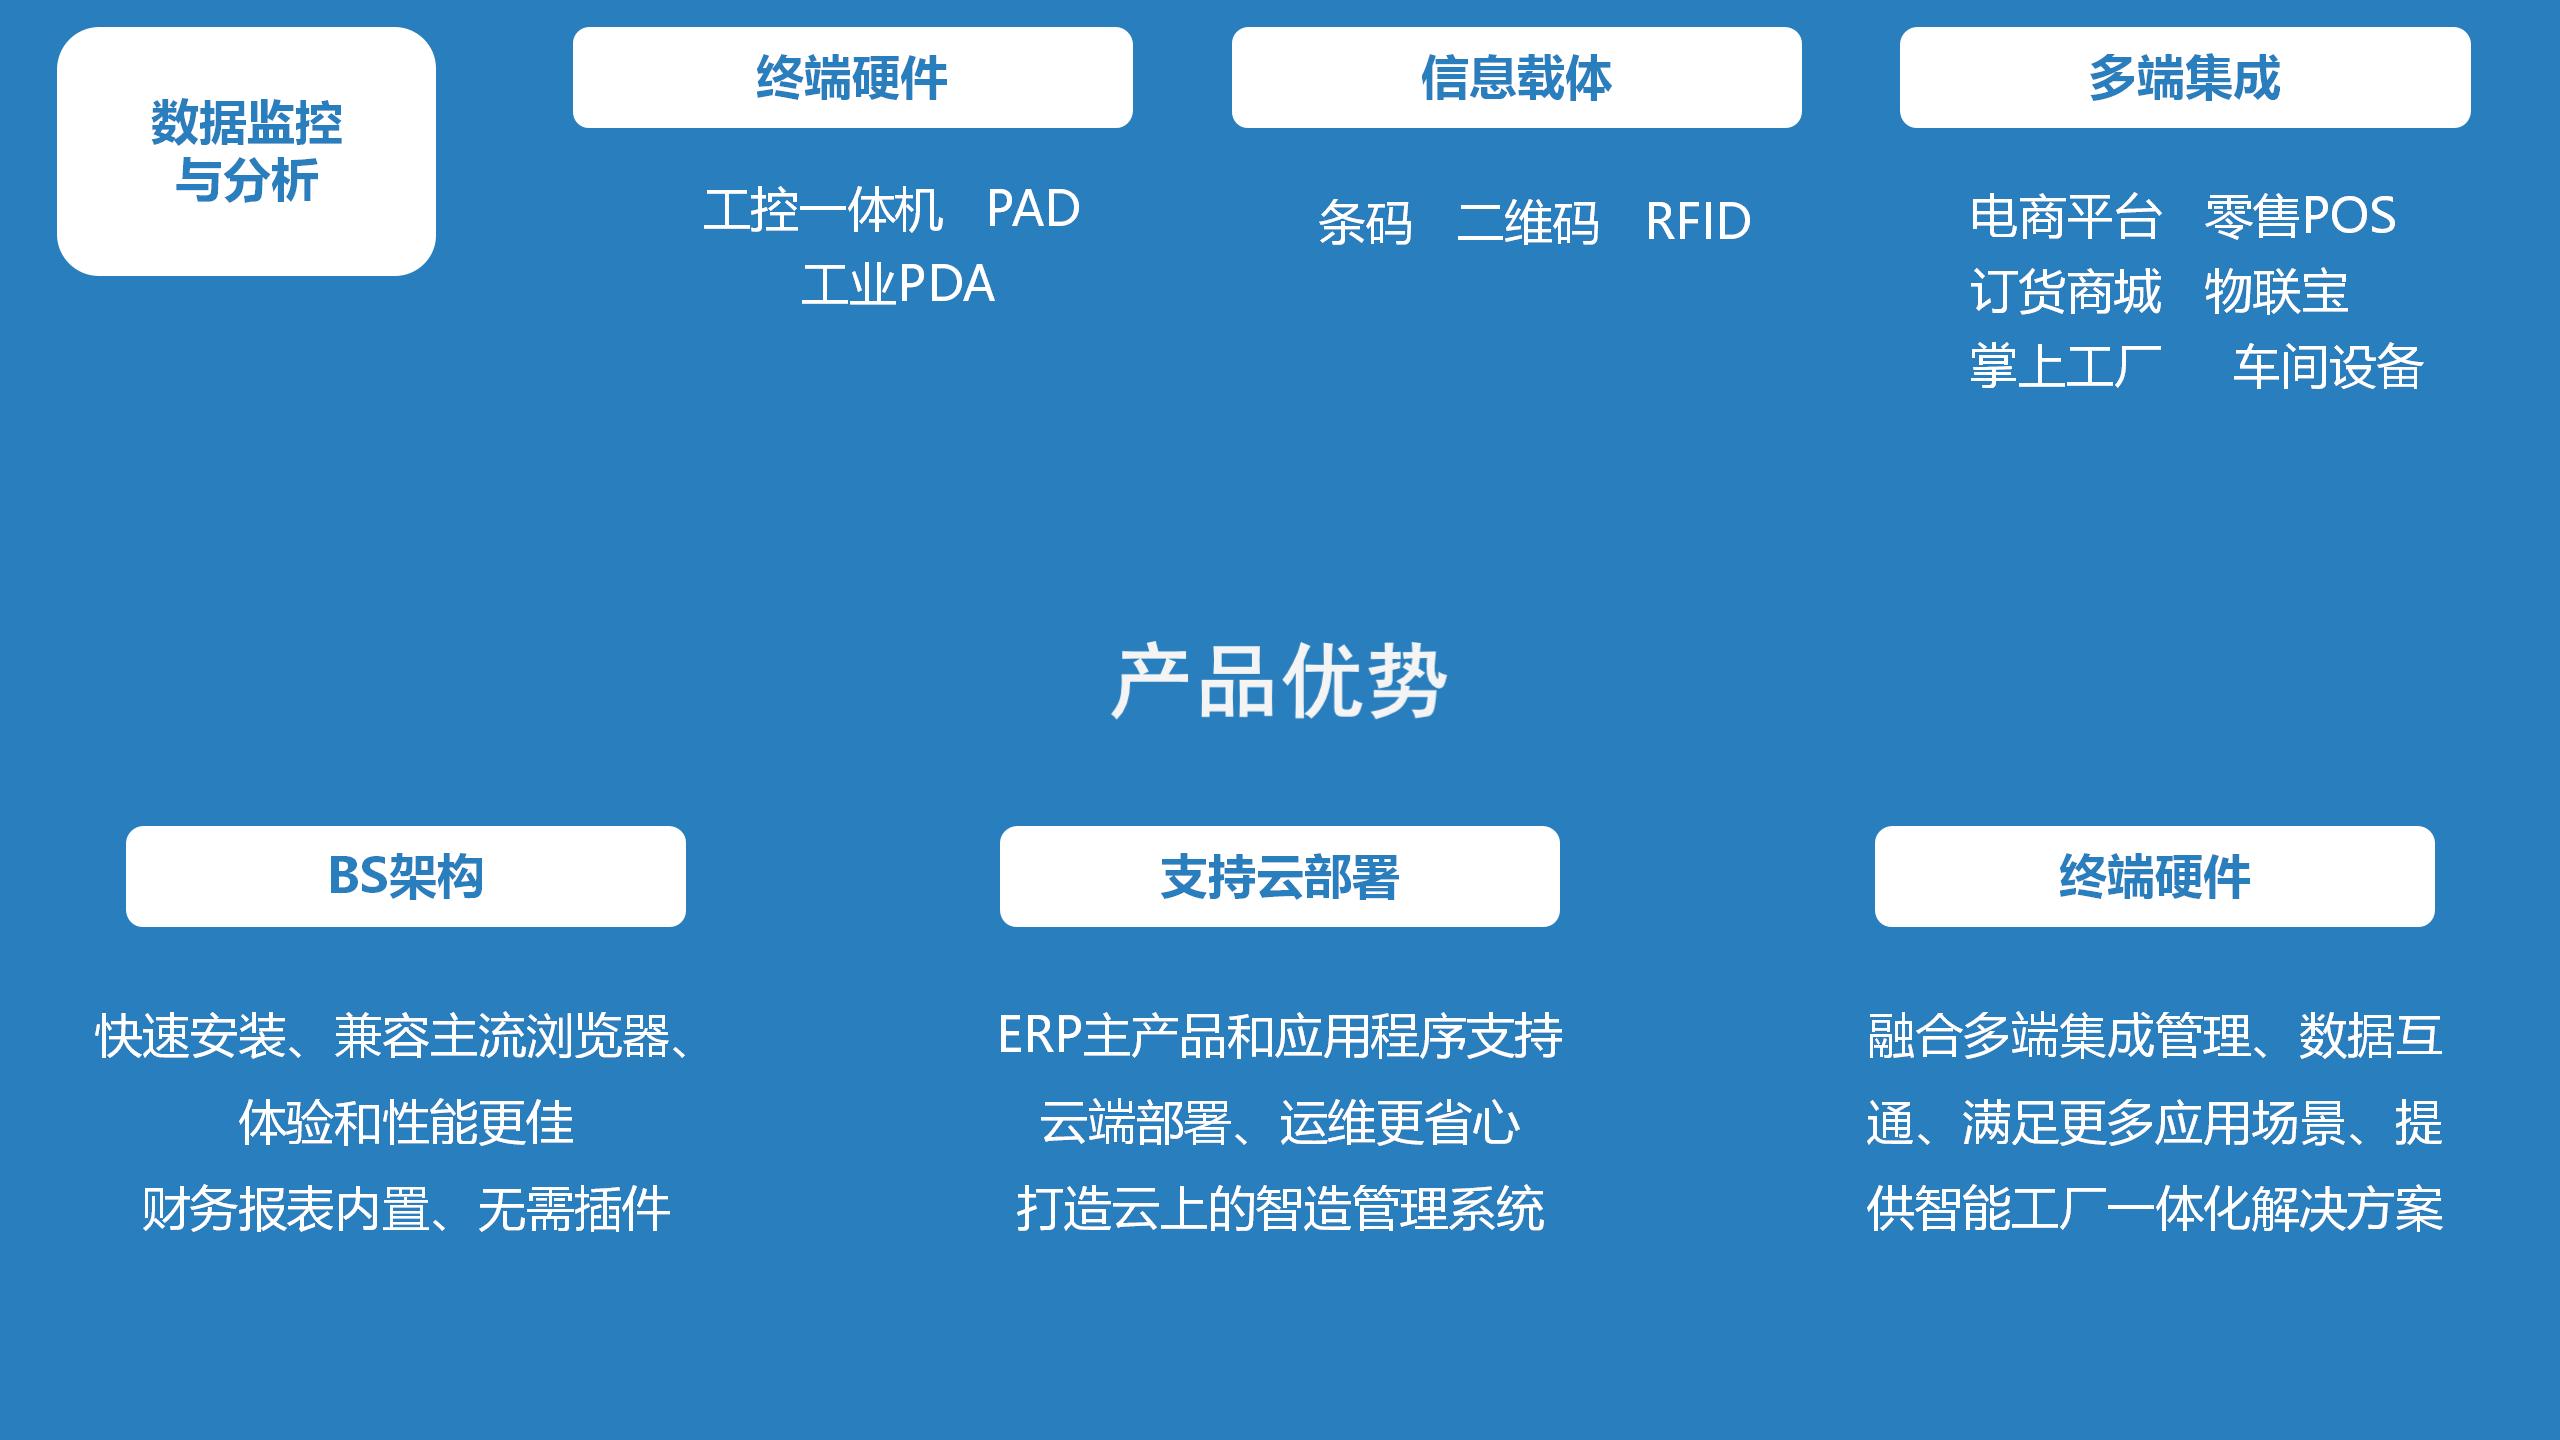 管家婆工贸M系列-嘉兴管家婆软件官网|管家婆软件嘉兴五星代理|电话:4006008797|嘉兴管家婆软件有限公司